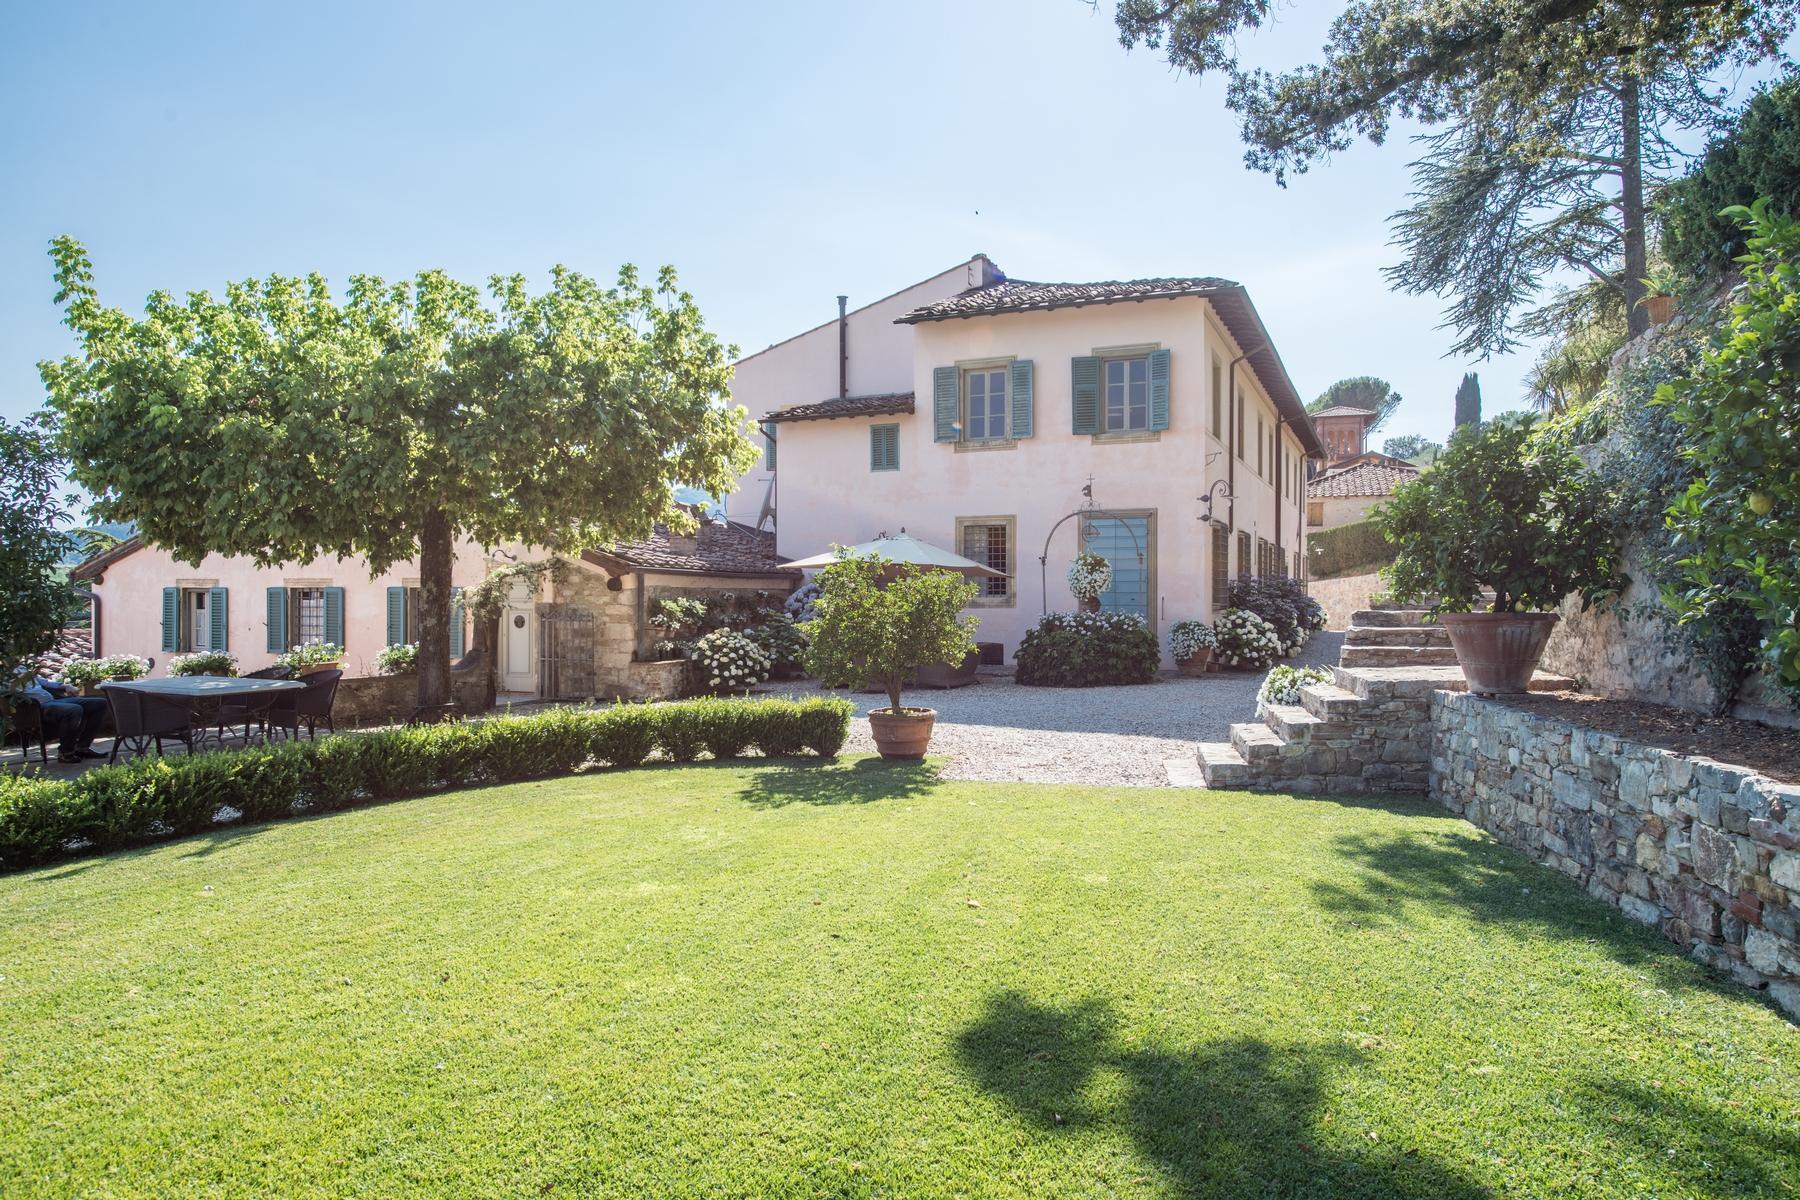 邻近Lucca的18世纪的宏伟别墅 - 17